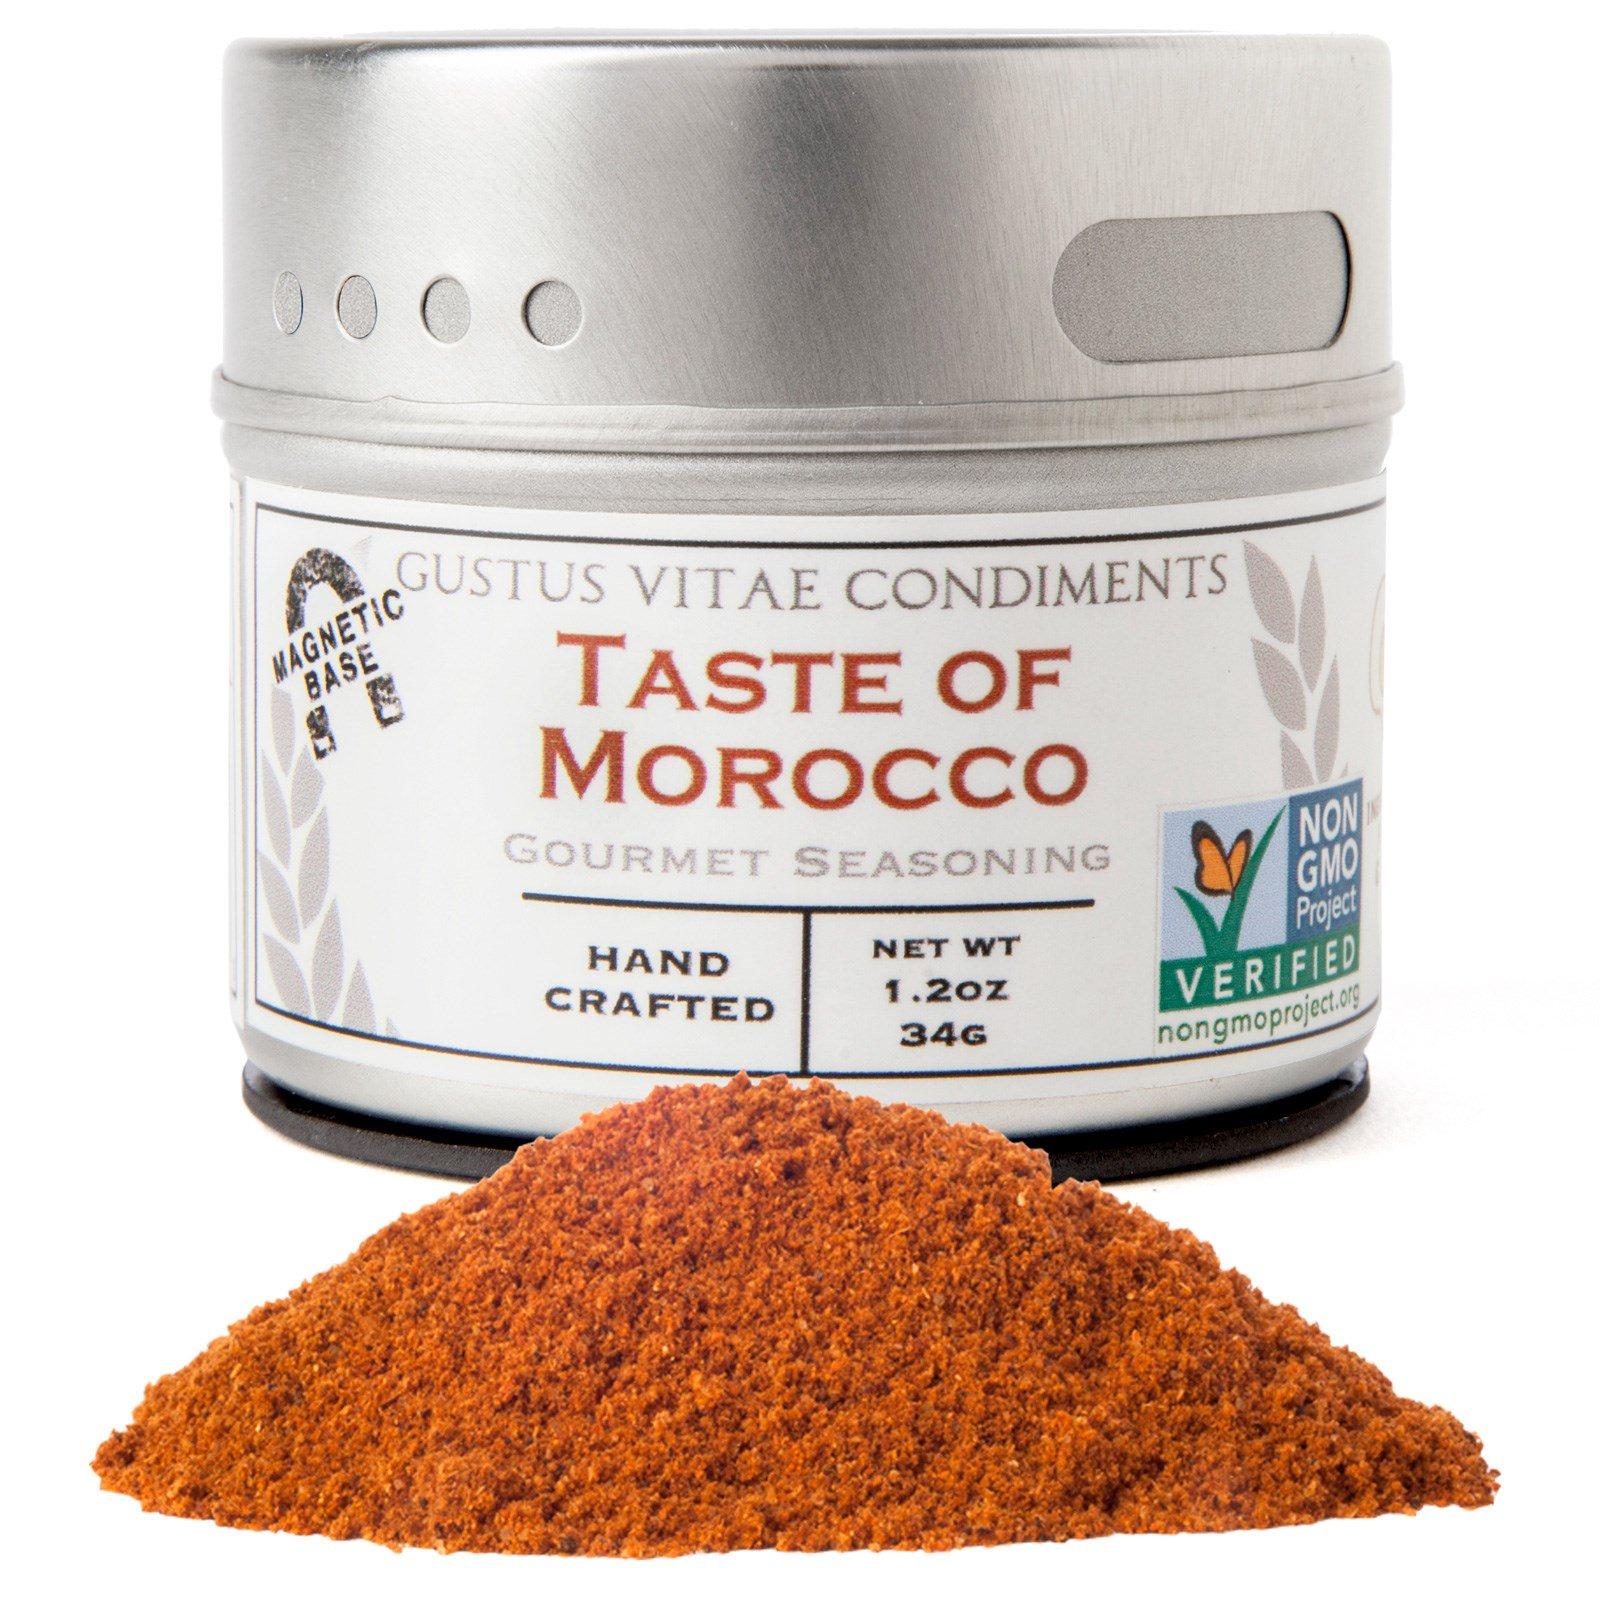 Gustus Vitae, Gourmet Seasoning, Taste of Morocco, 1.2 oz (34g)